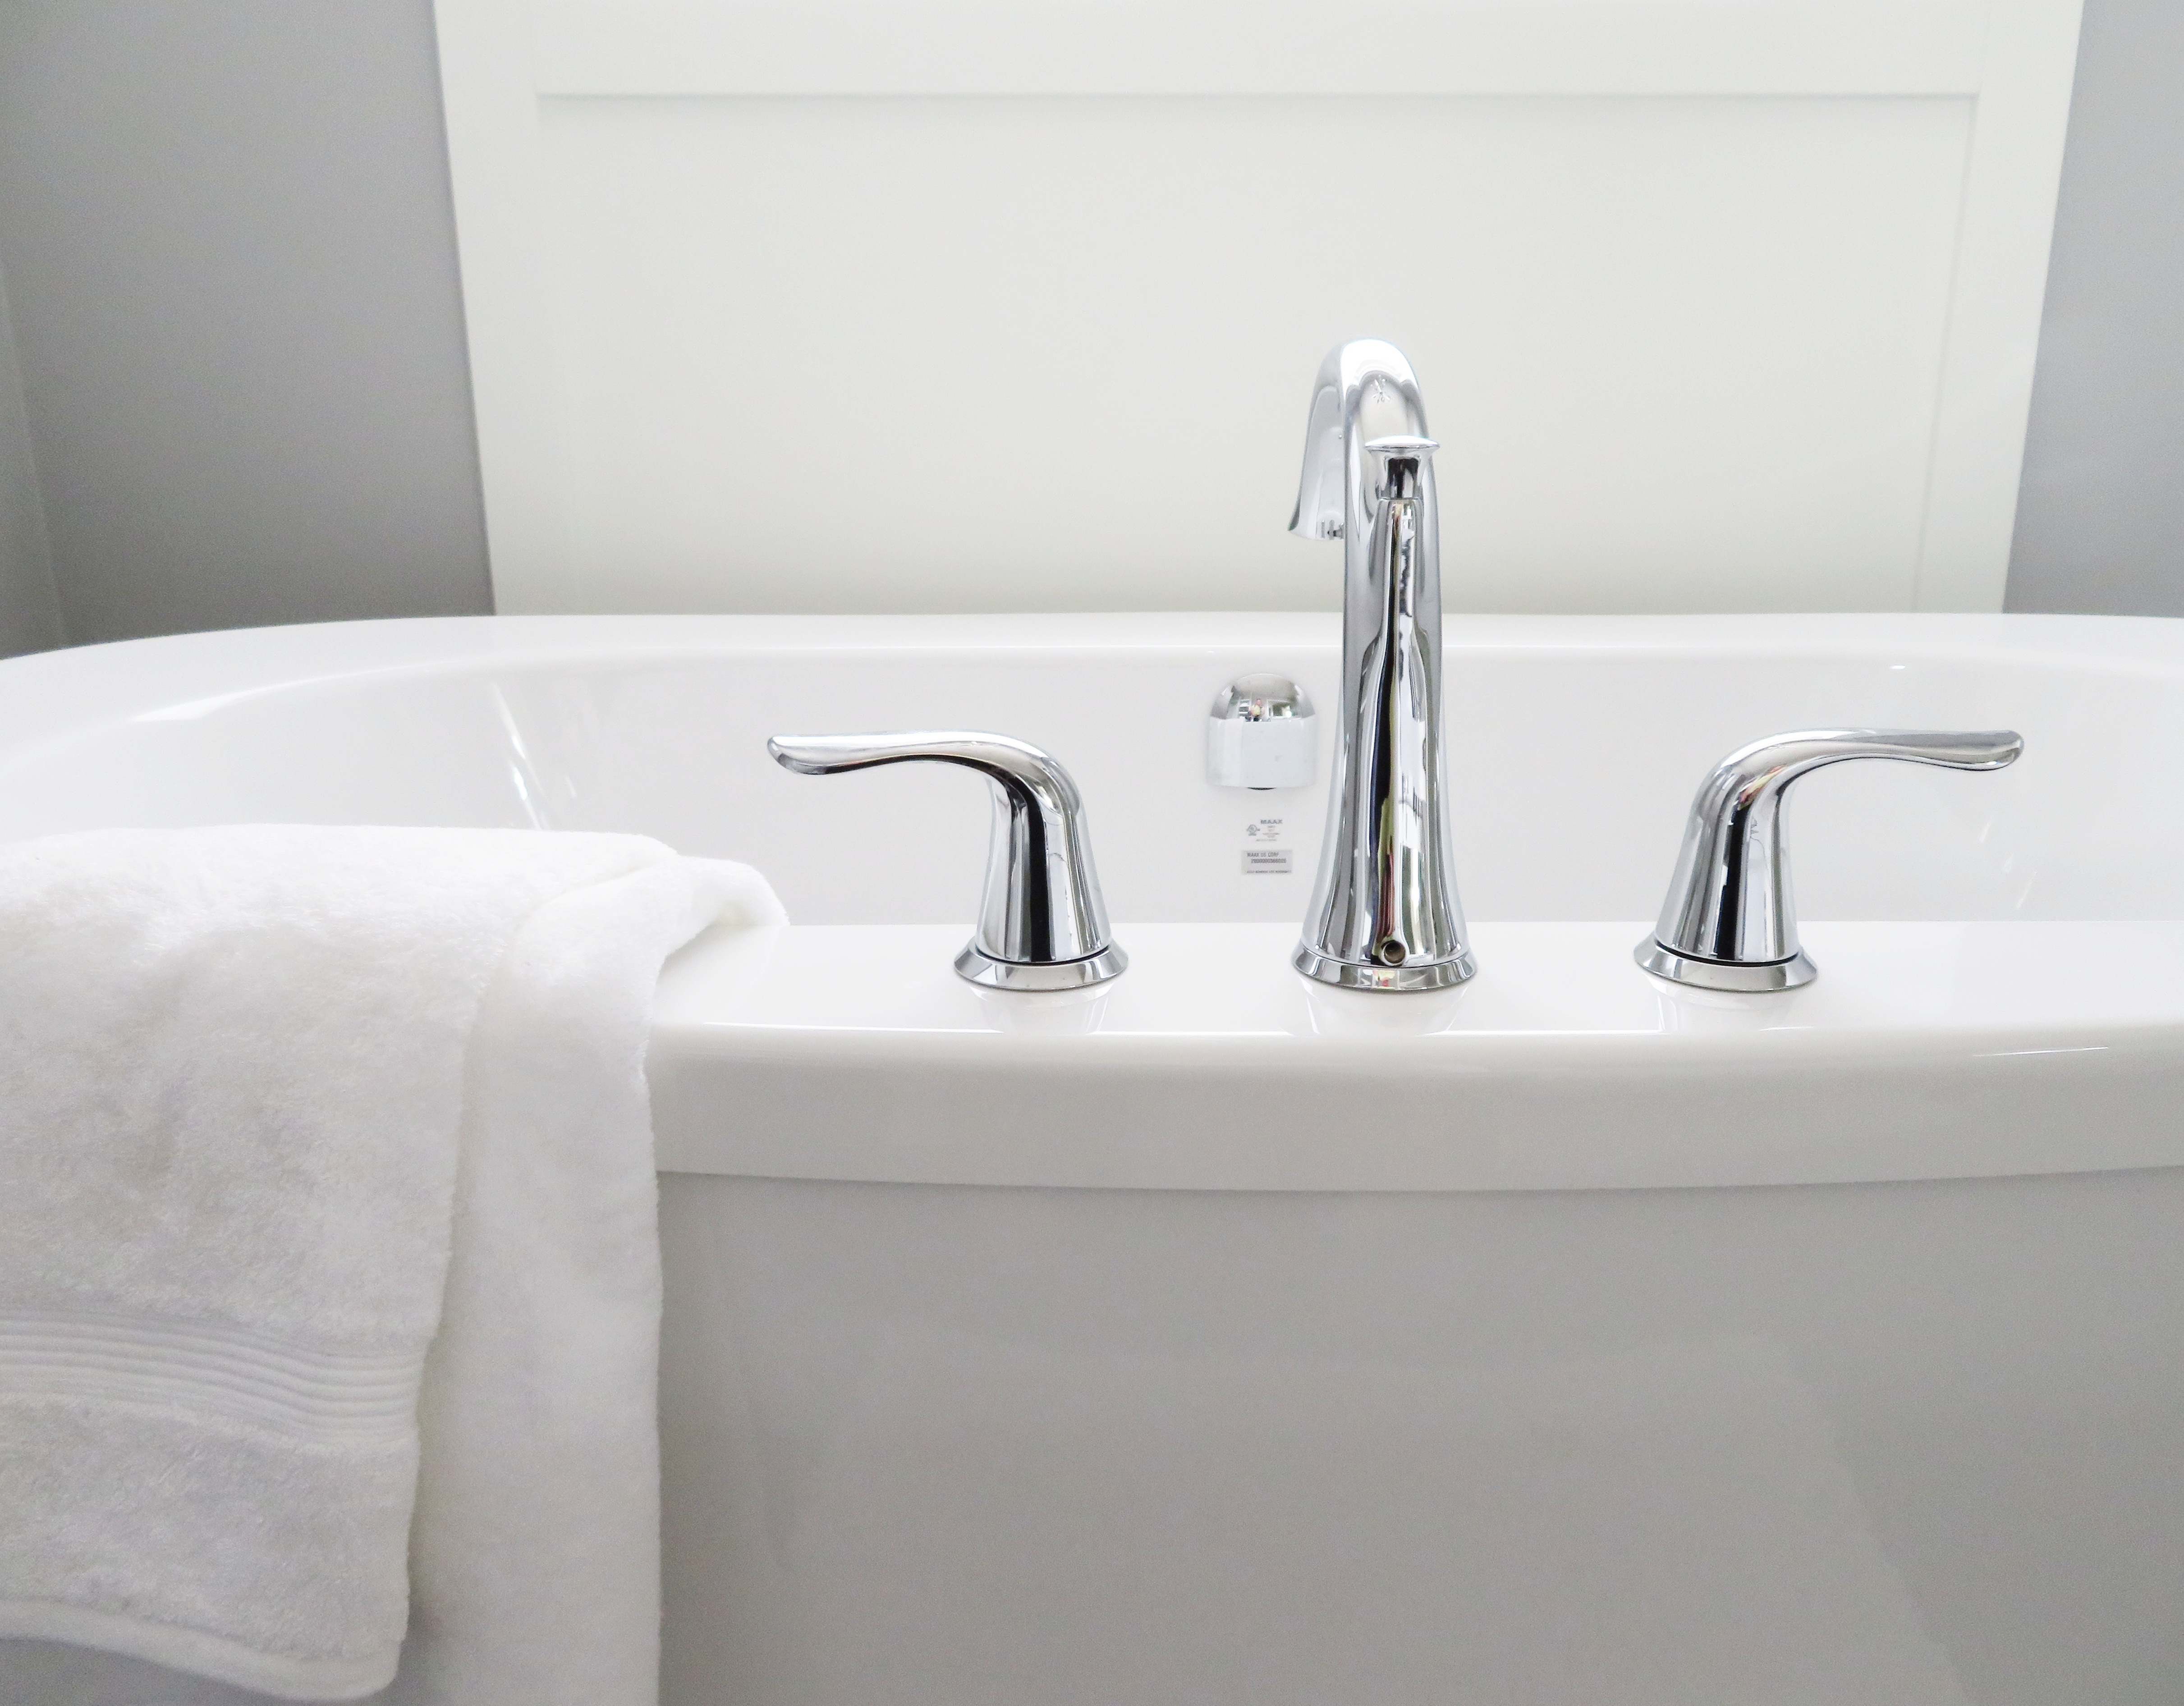 Badkamer Laten Plaatsen : Badkamer laten renoveren u gratis artikel plaatsen